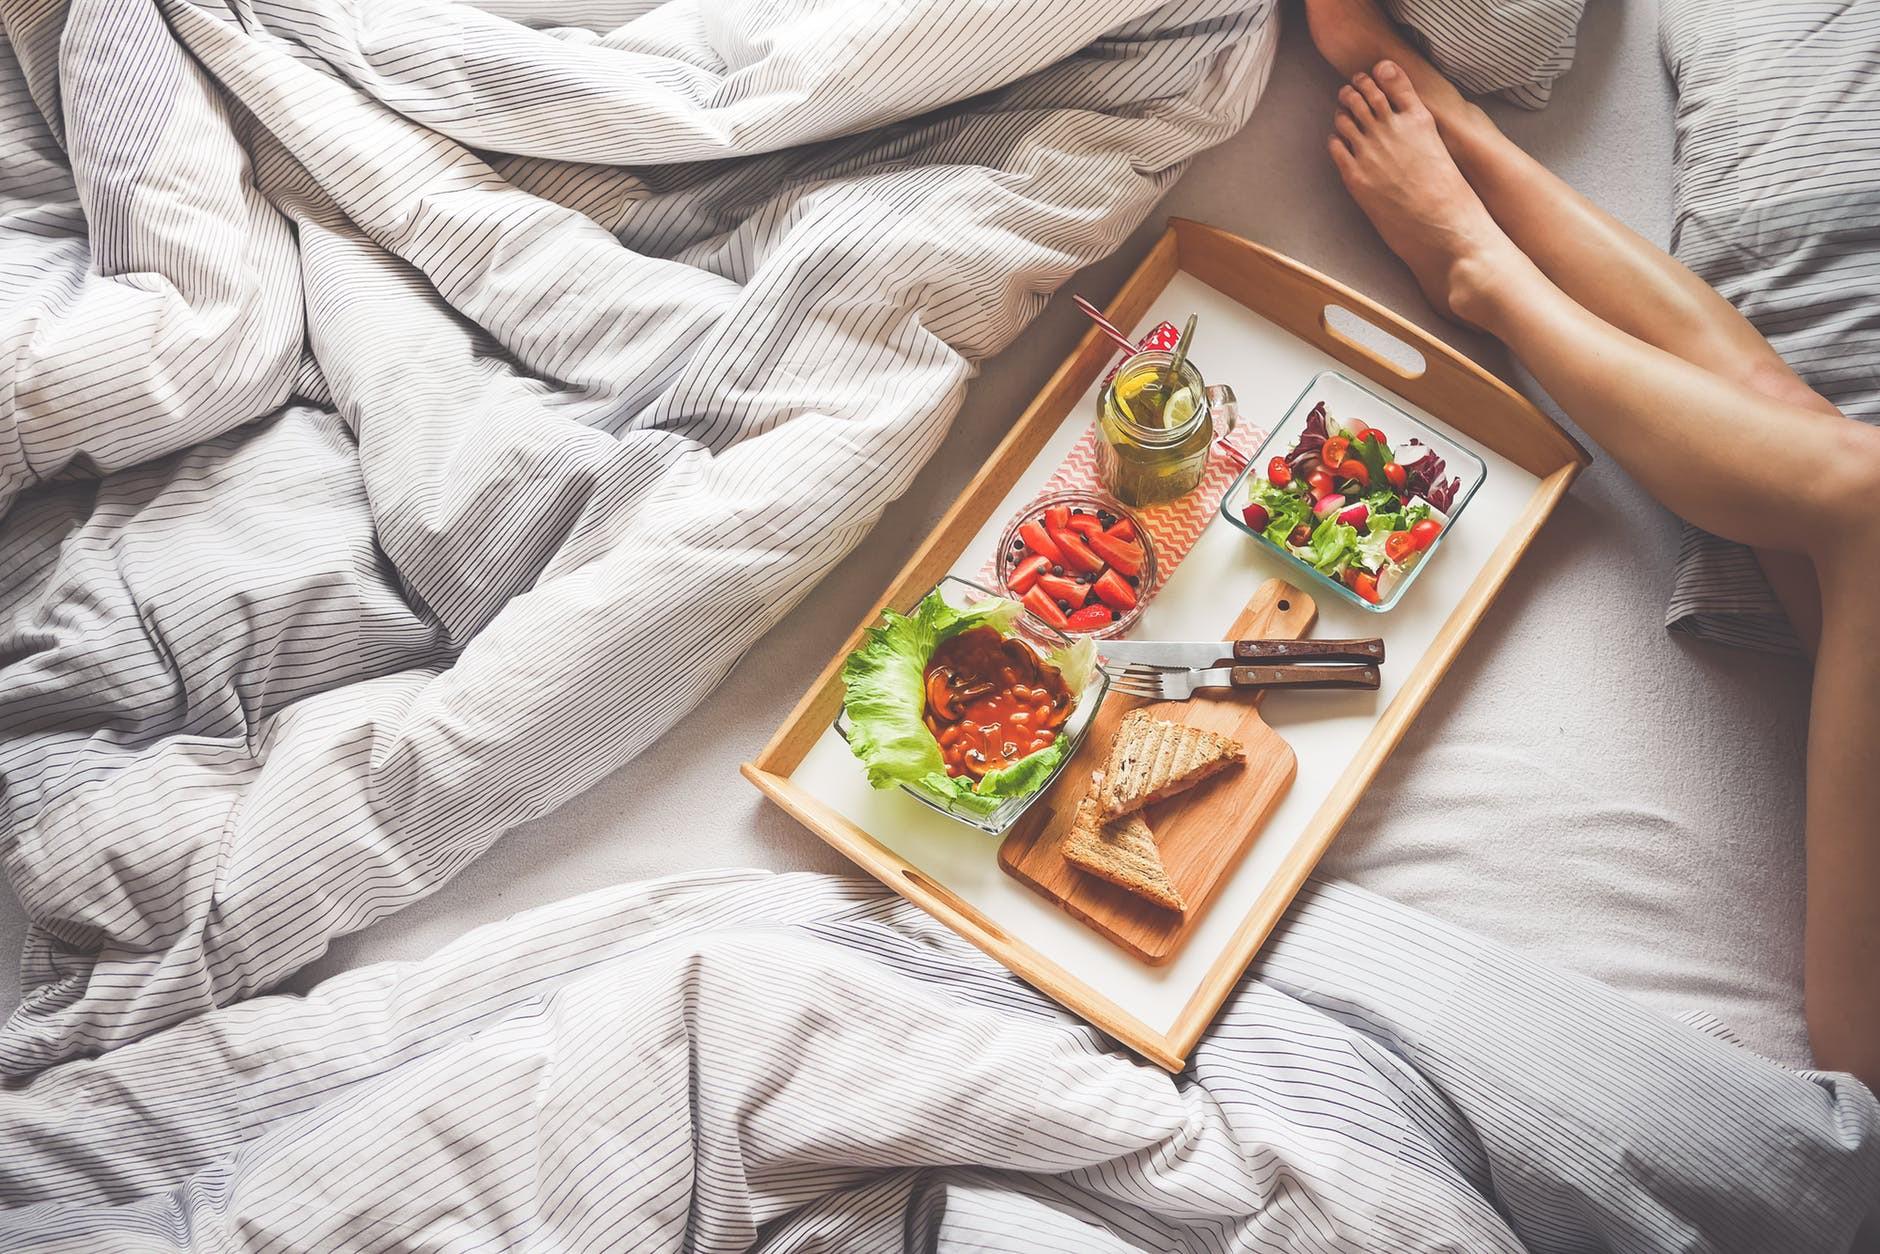 Những thói quen ăn uống giúp bạn cảm thấy tràn trề năng lượng suốt cả ngày - Ảnh 2.